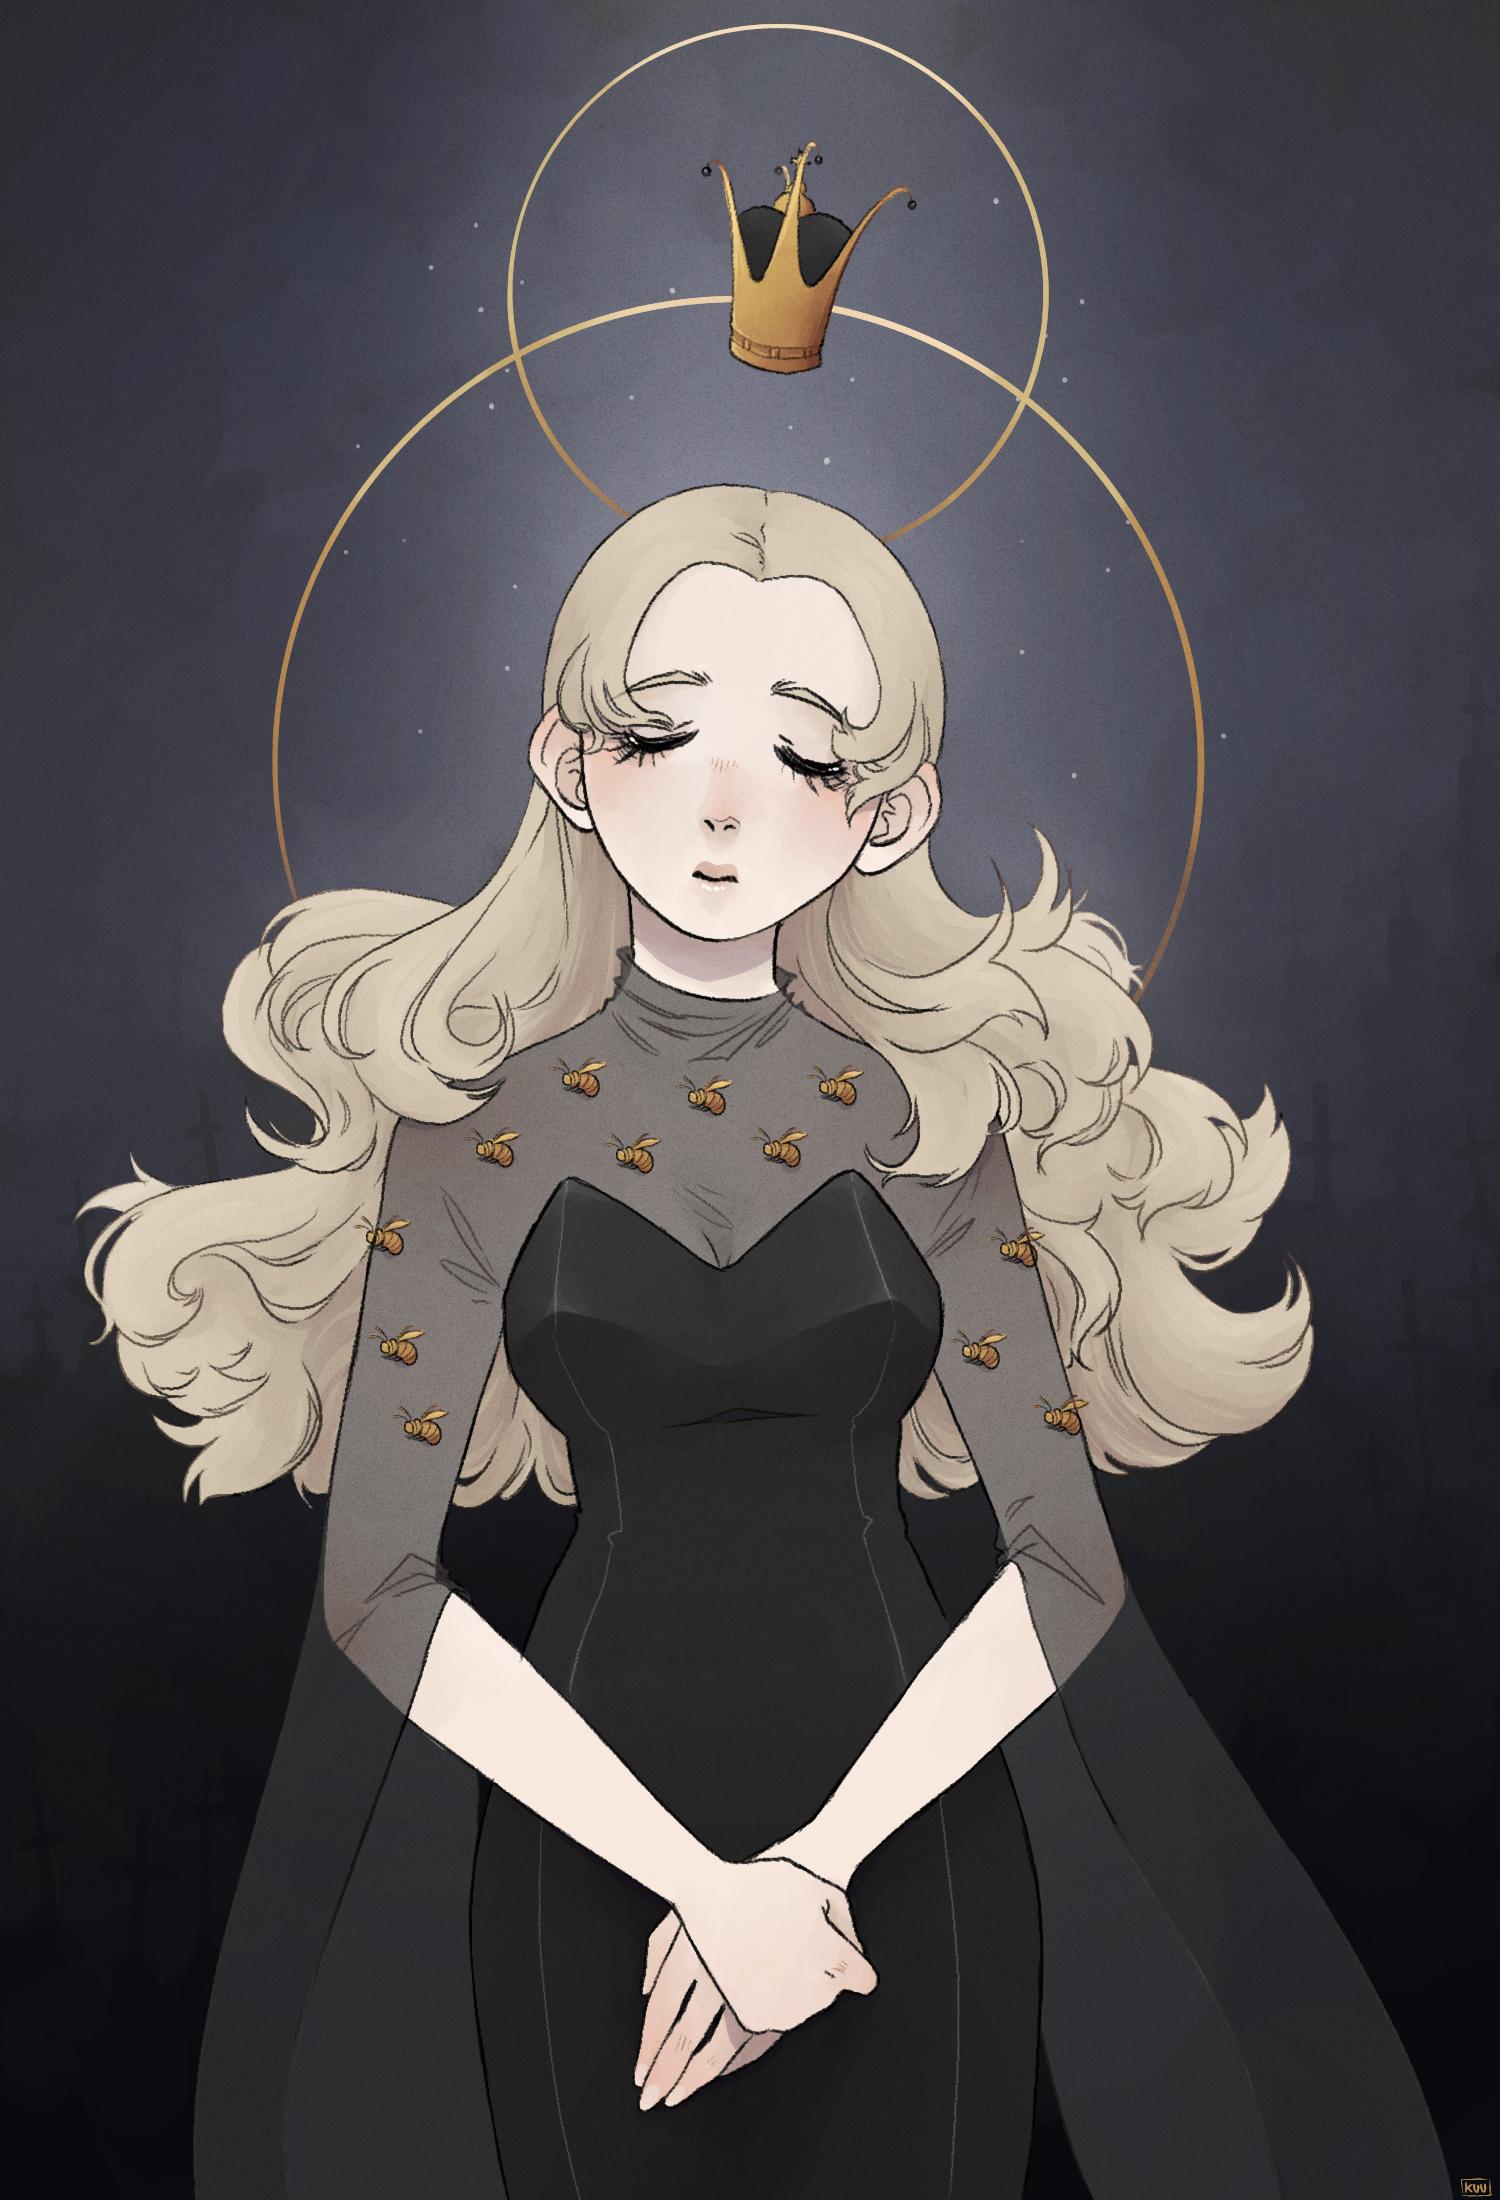 Night princess